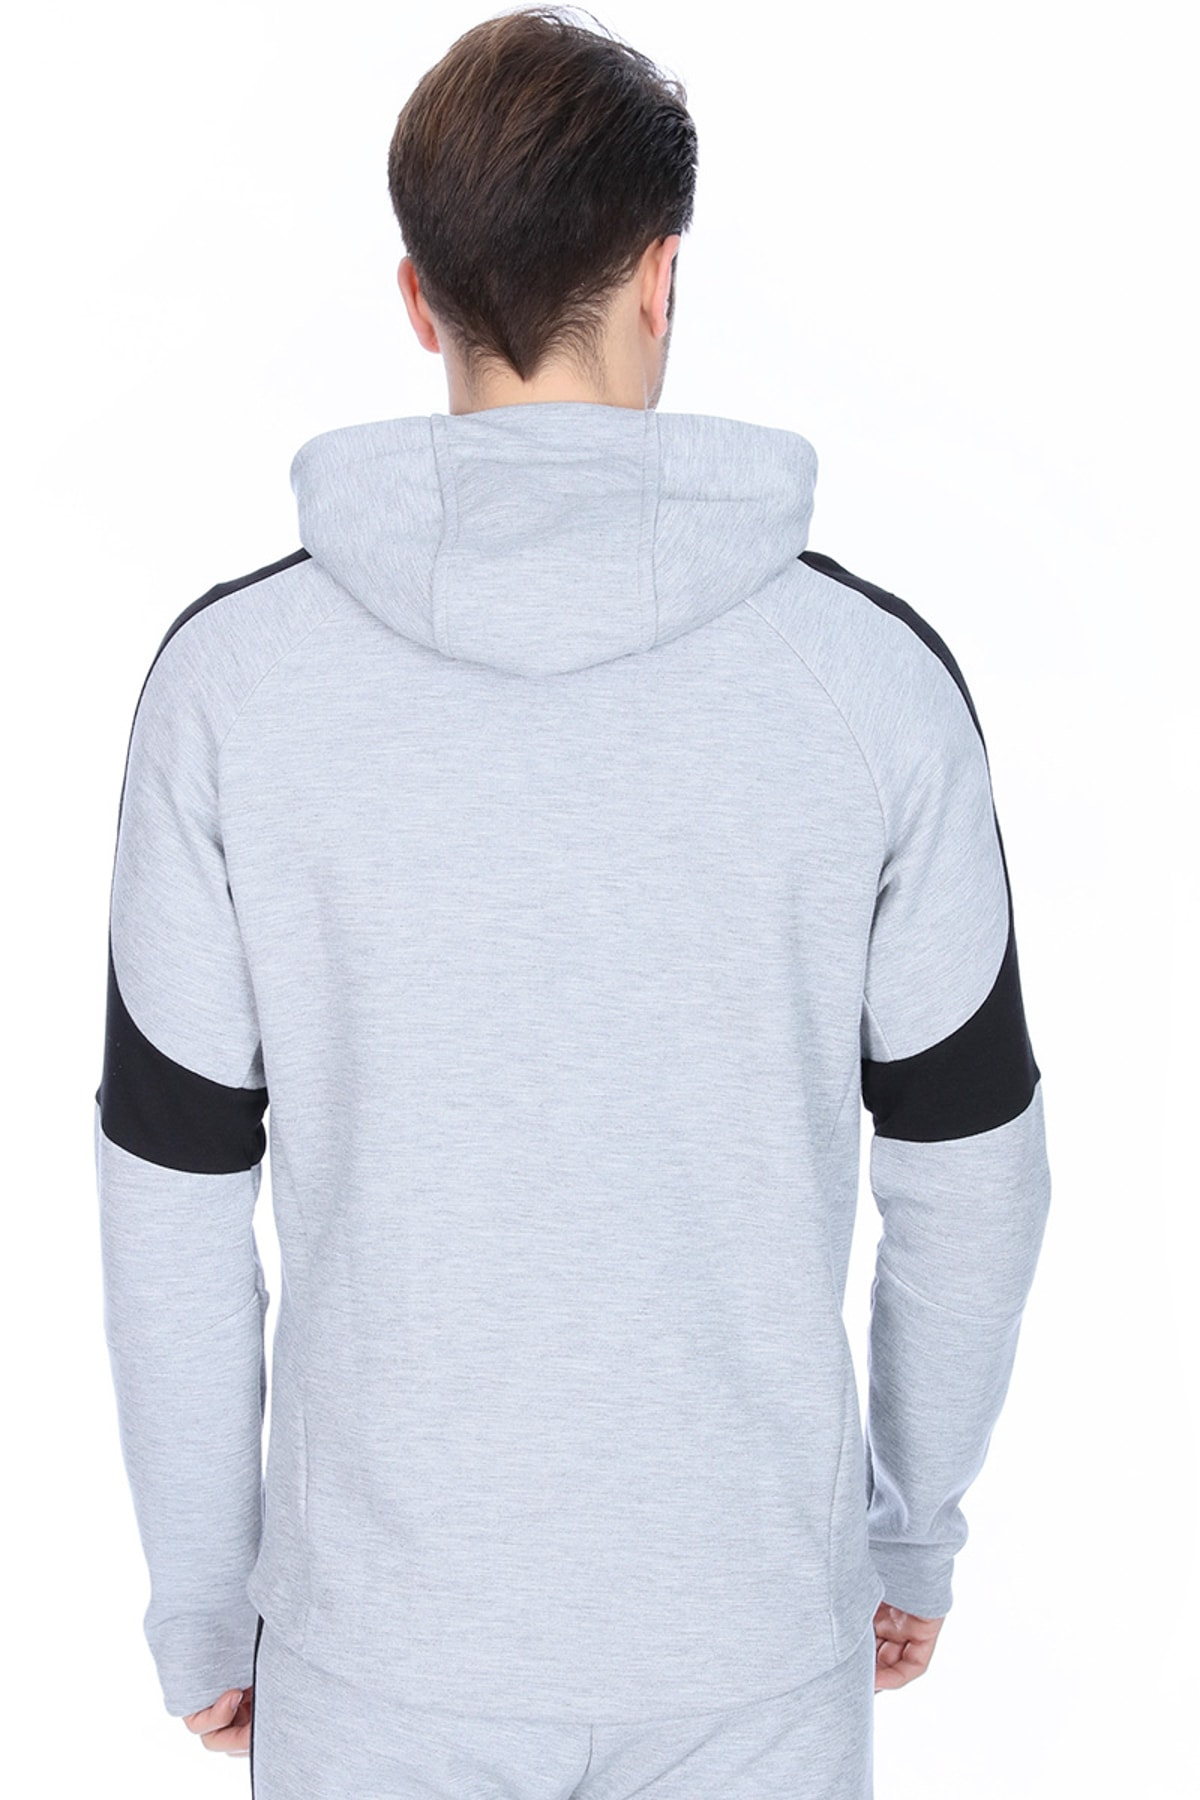 Sportive Erkek Antrenman Sweatshirt - 710511-GML 2